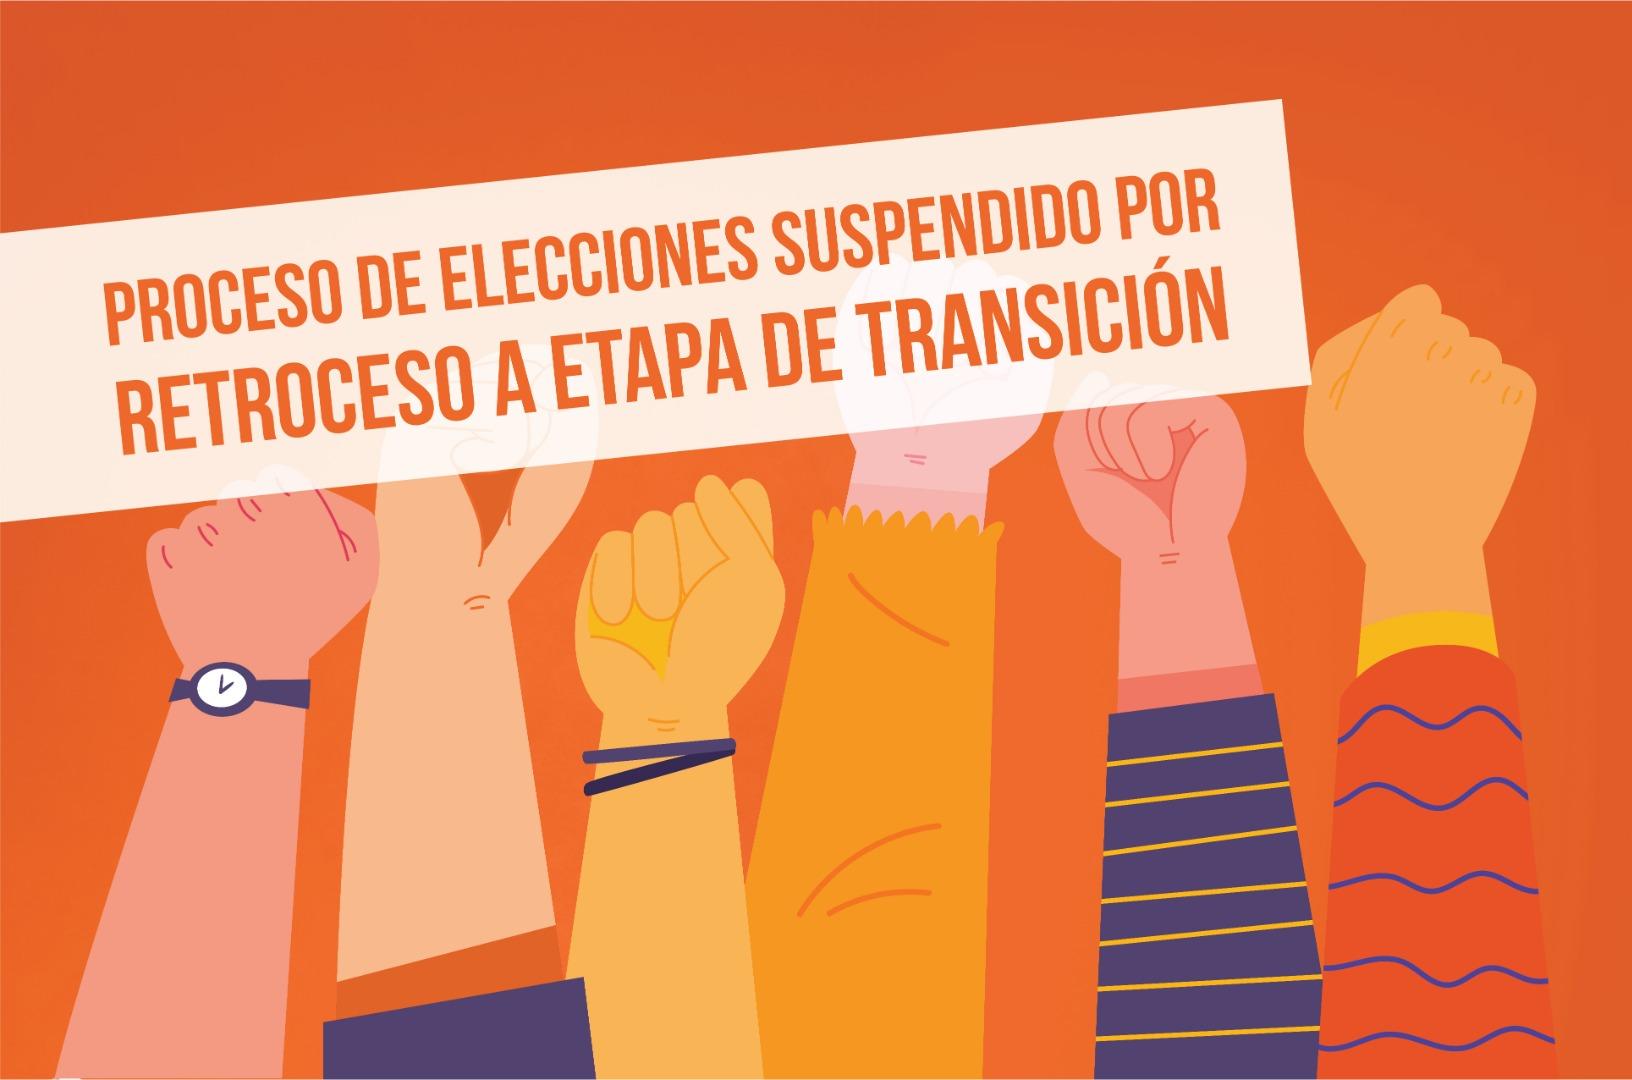 Suspendidas elecciones Cosoc